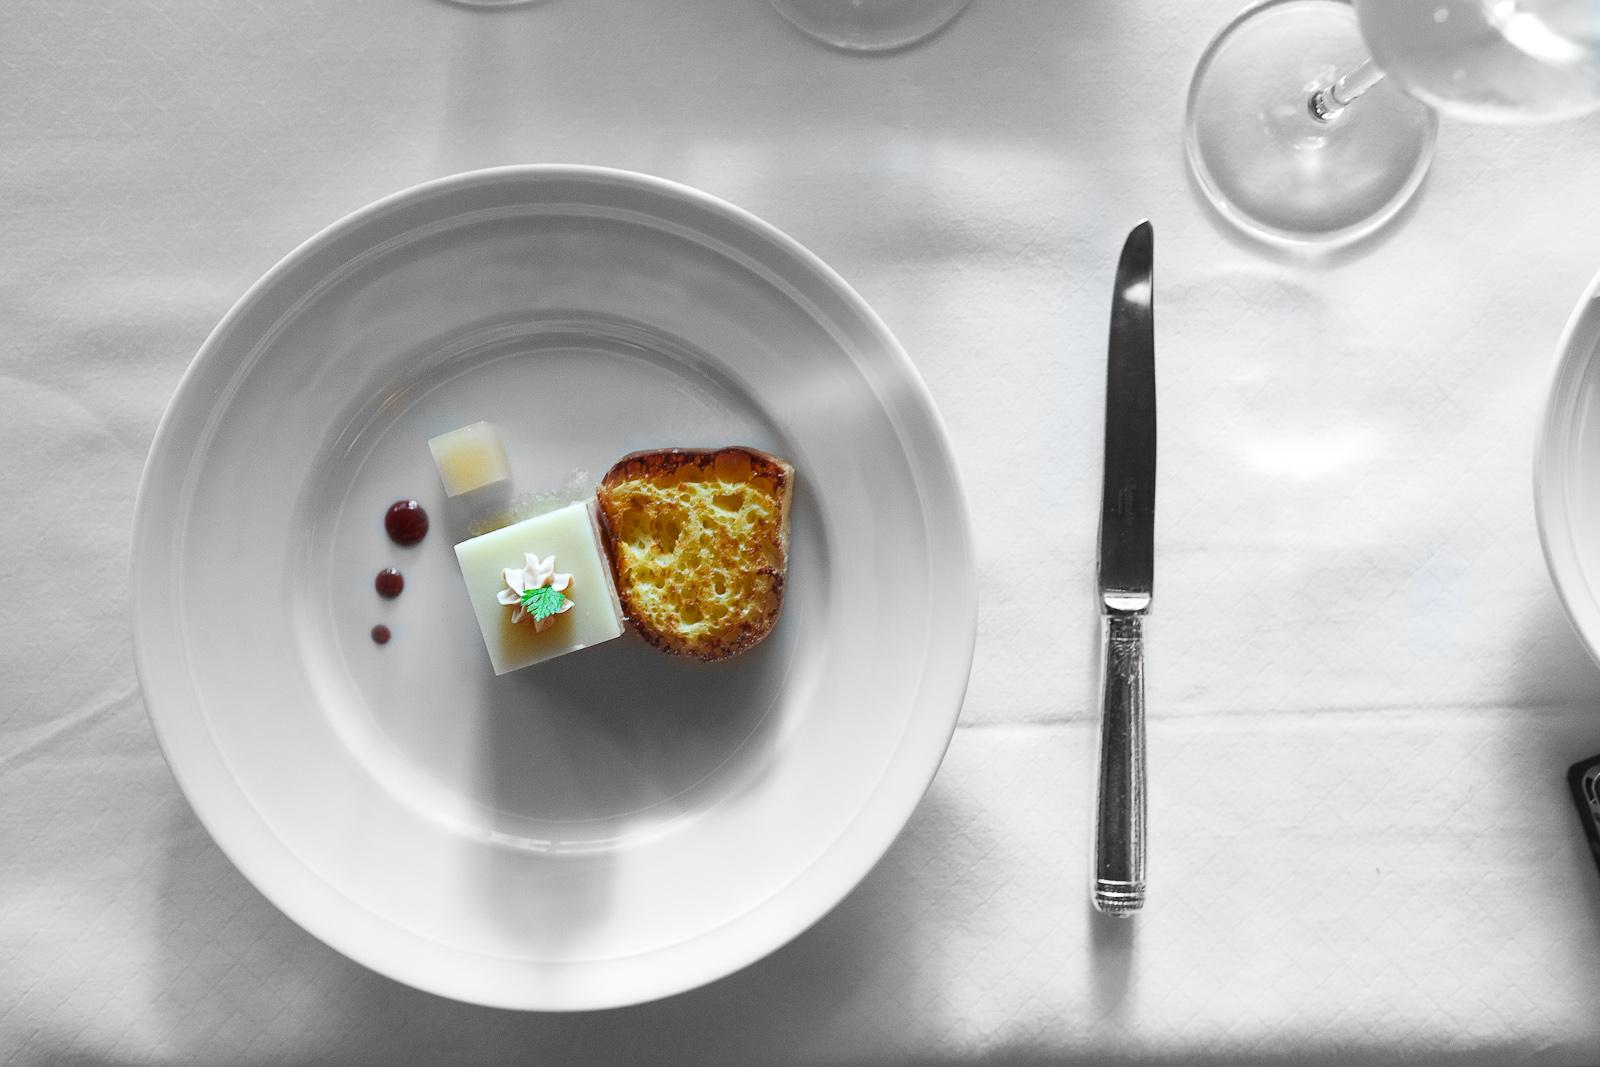 1st Course: Foie gras gelatin